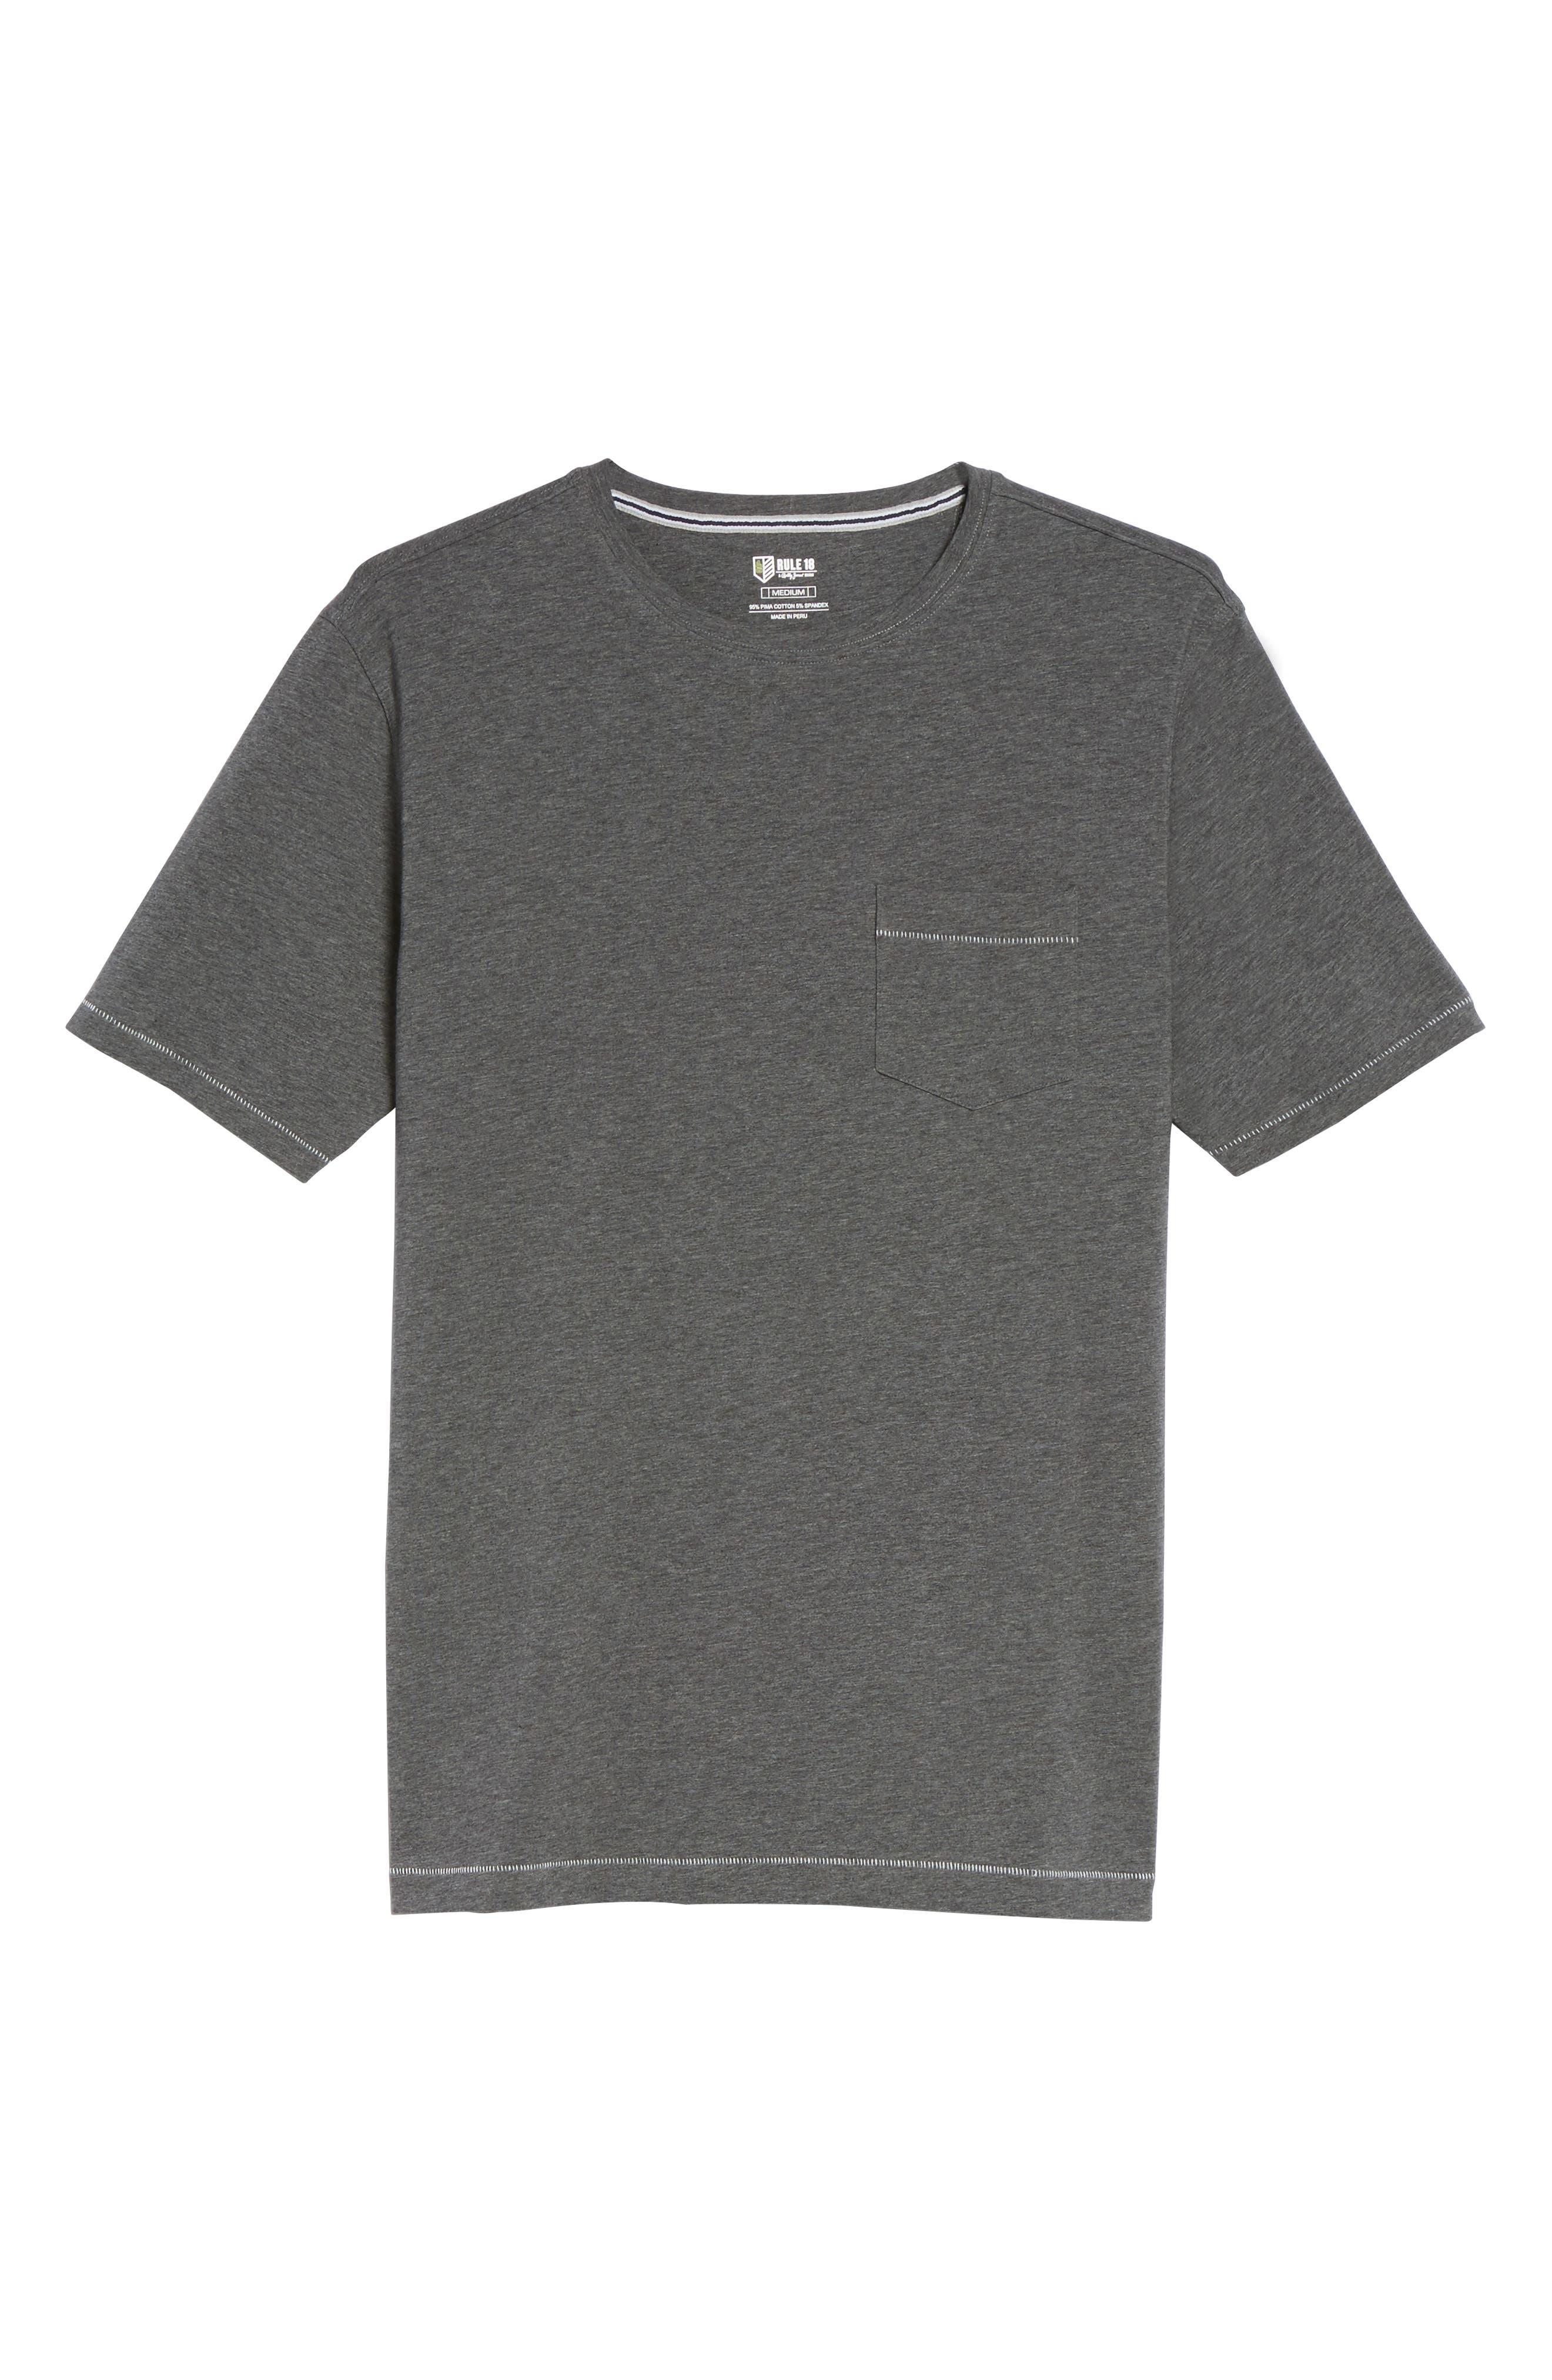 BOBBY JONES,                             R18 Pocket T-Shirt,                             Alternate thumbnail 6, color,                             011